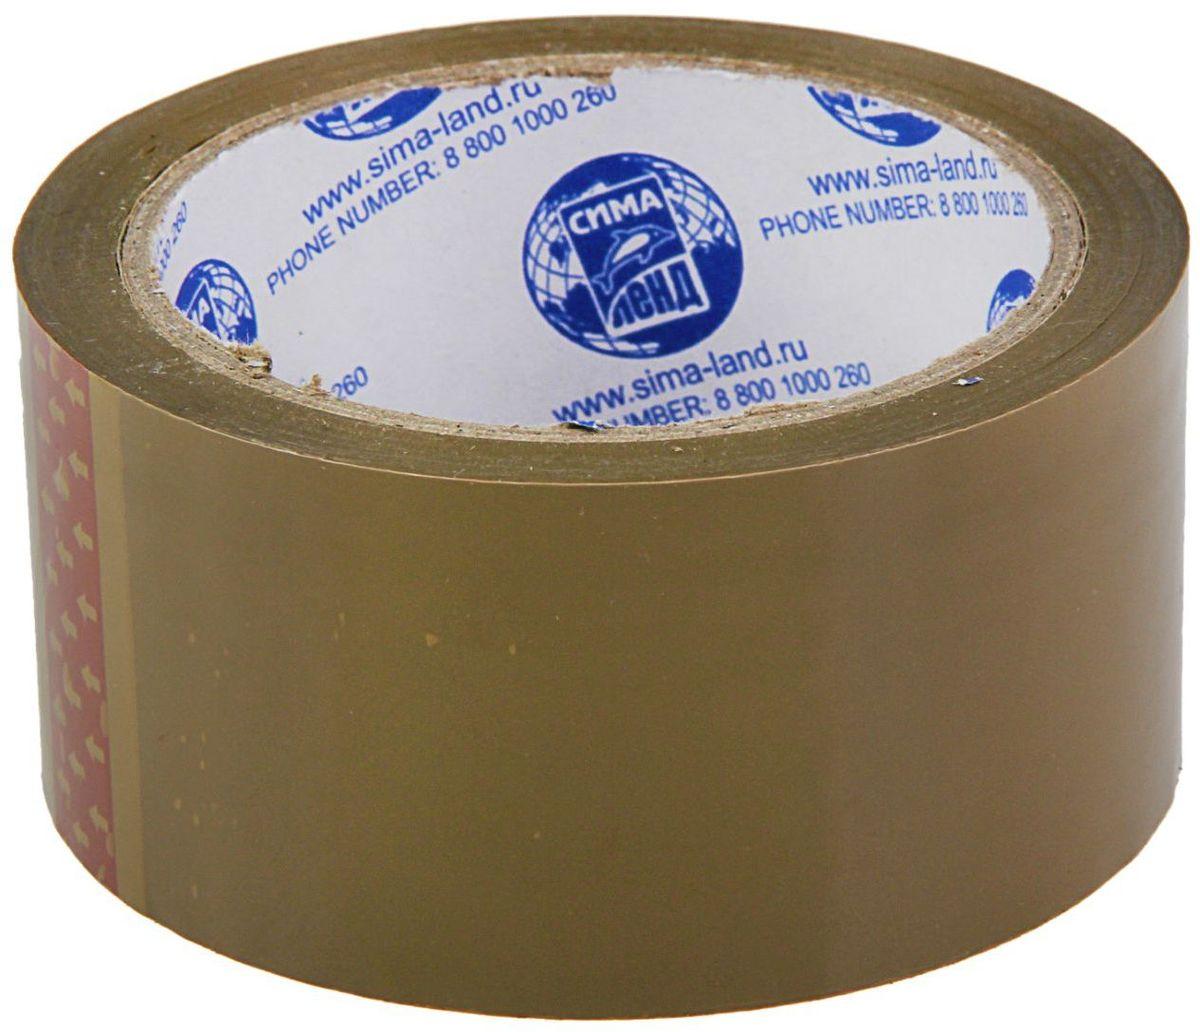 Клейкая лента 48 мм х 66 м цвет темно-коричневый1268207Упаковочная клейкая лента изготовлена из двуосноориентированного полипропилена (ВОРР) высокой прочности с нанесением клеевого слоя с одной стороны ленты. Она универсальна и используется, в основном, для заклейки гофрокоробов, оклеивания различных грузов, обернутых в стрейч-пленку или в полиэтиленовую пленку. Не следует клеить ленту непосредственно на неупакованную продукцию, так как следы клея плохо отмываются.